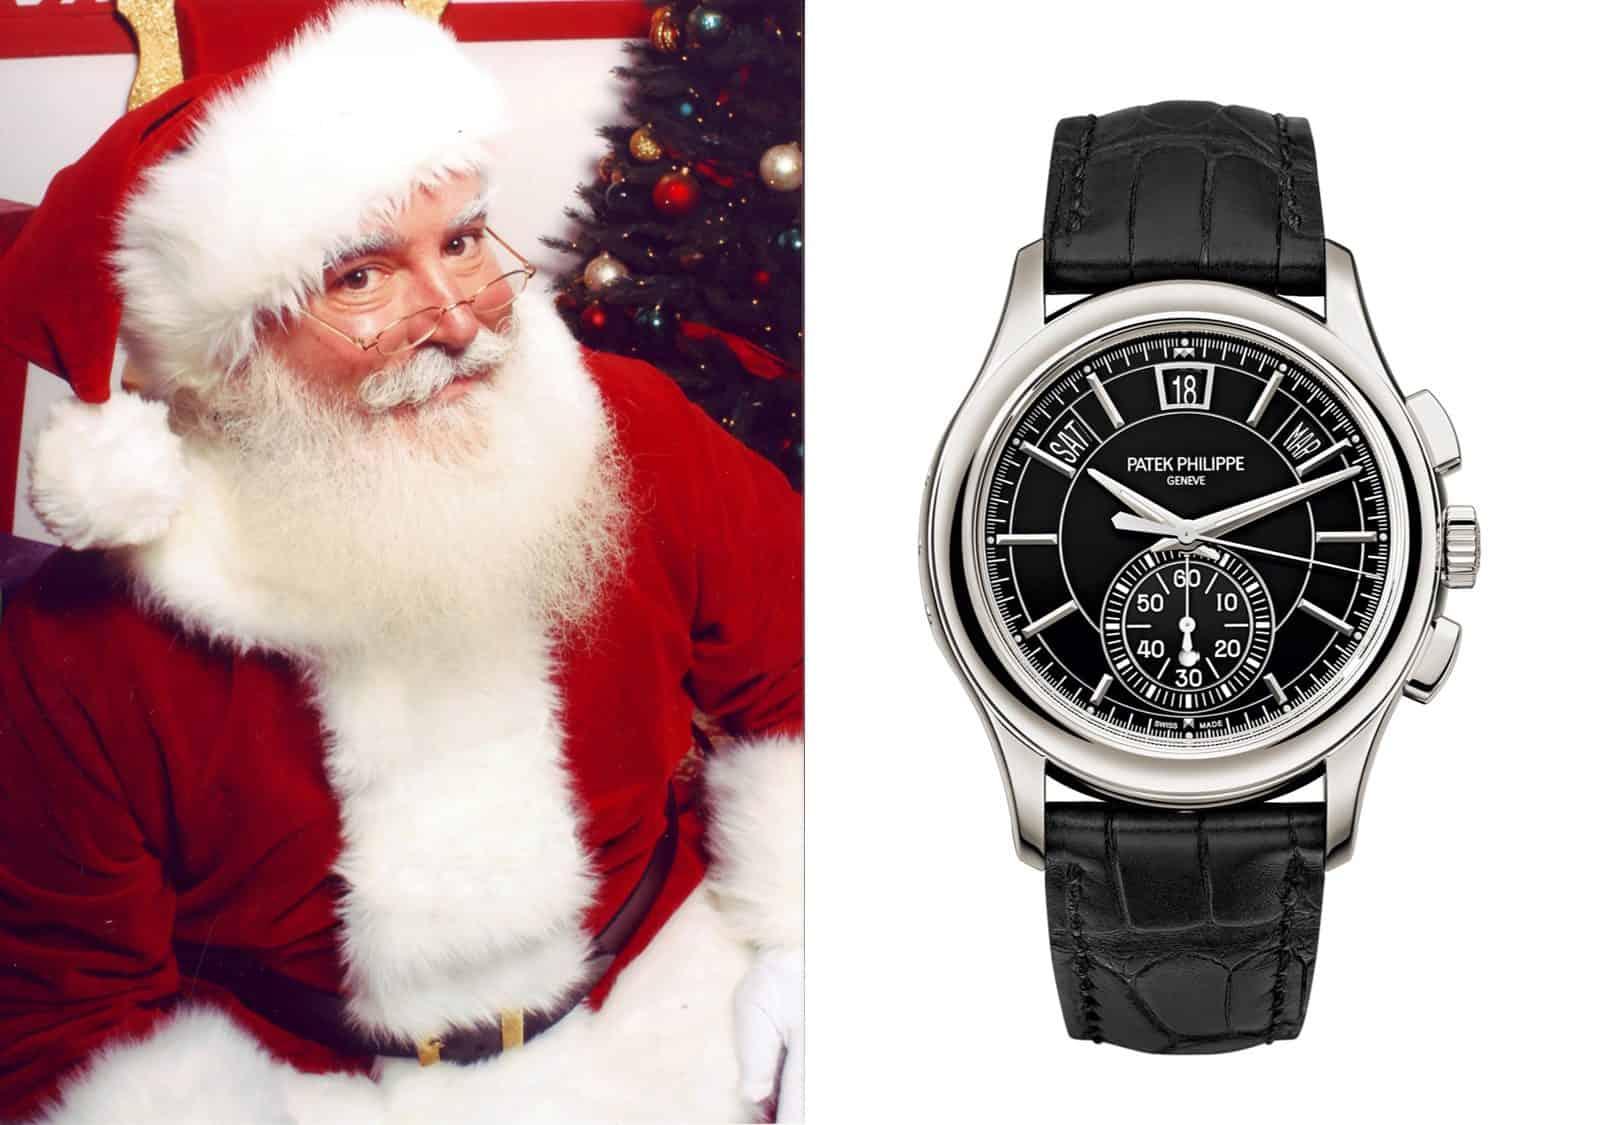 Nachgeforscht - die Uhr vom WeihanchtsmannDie Uhr vom Weihnachtsmann!